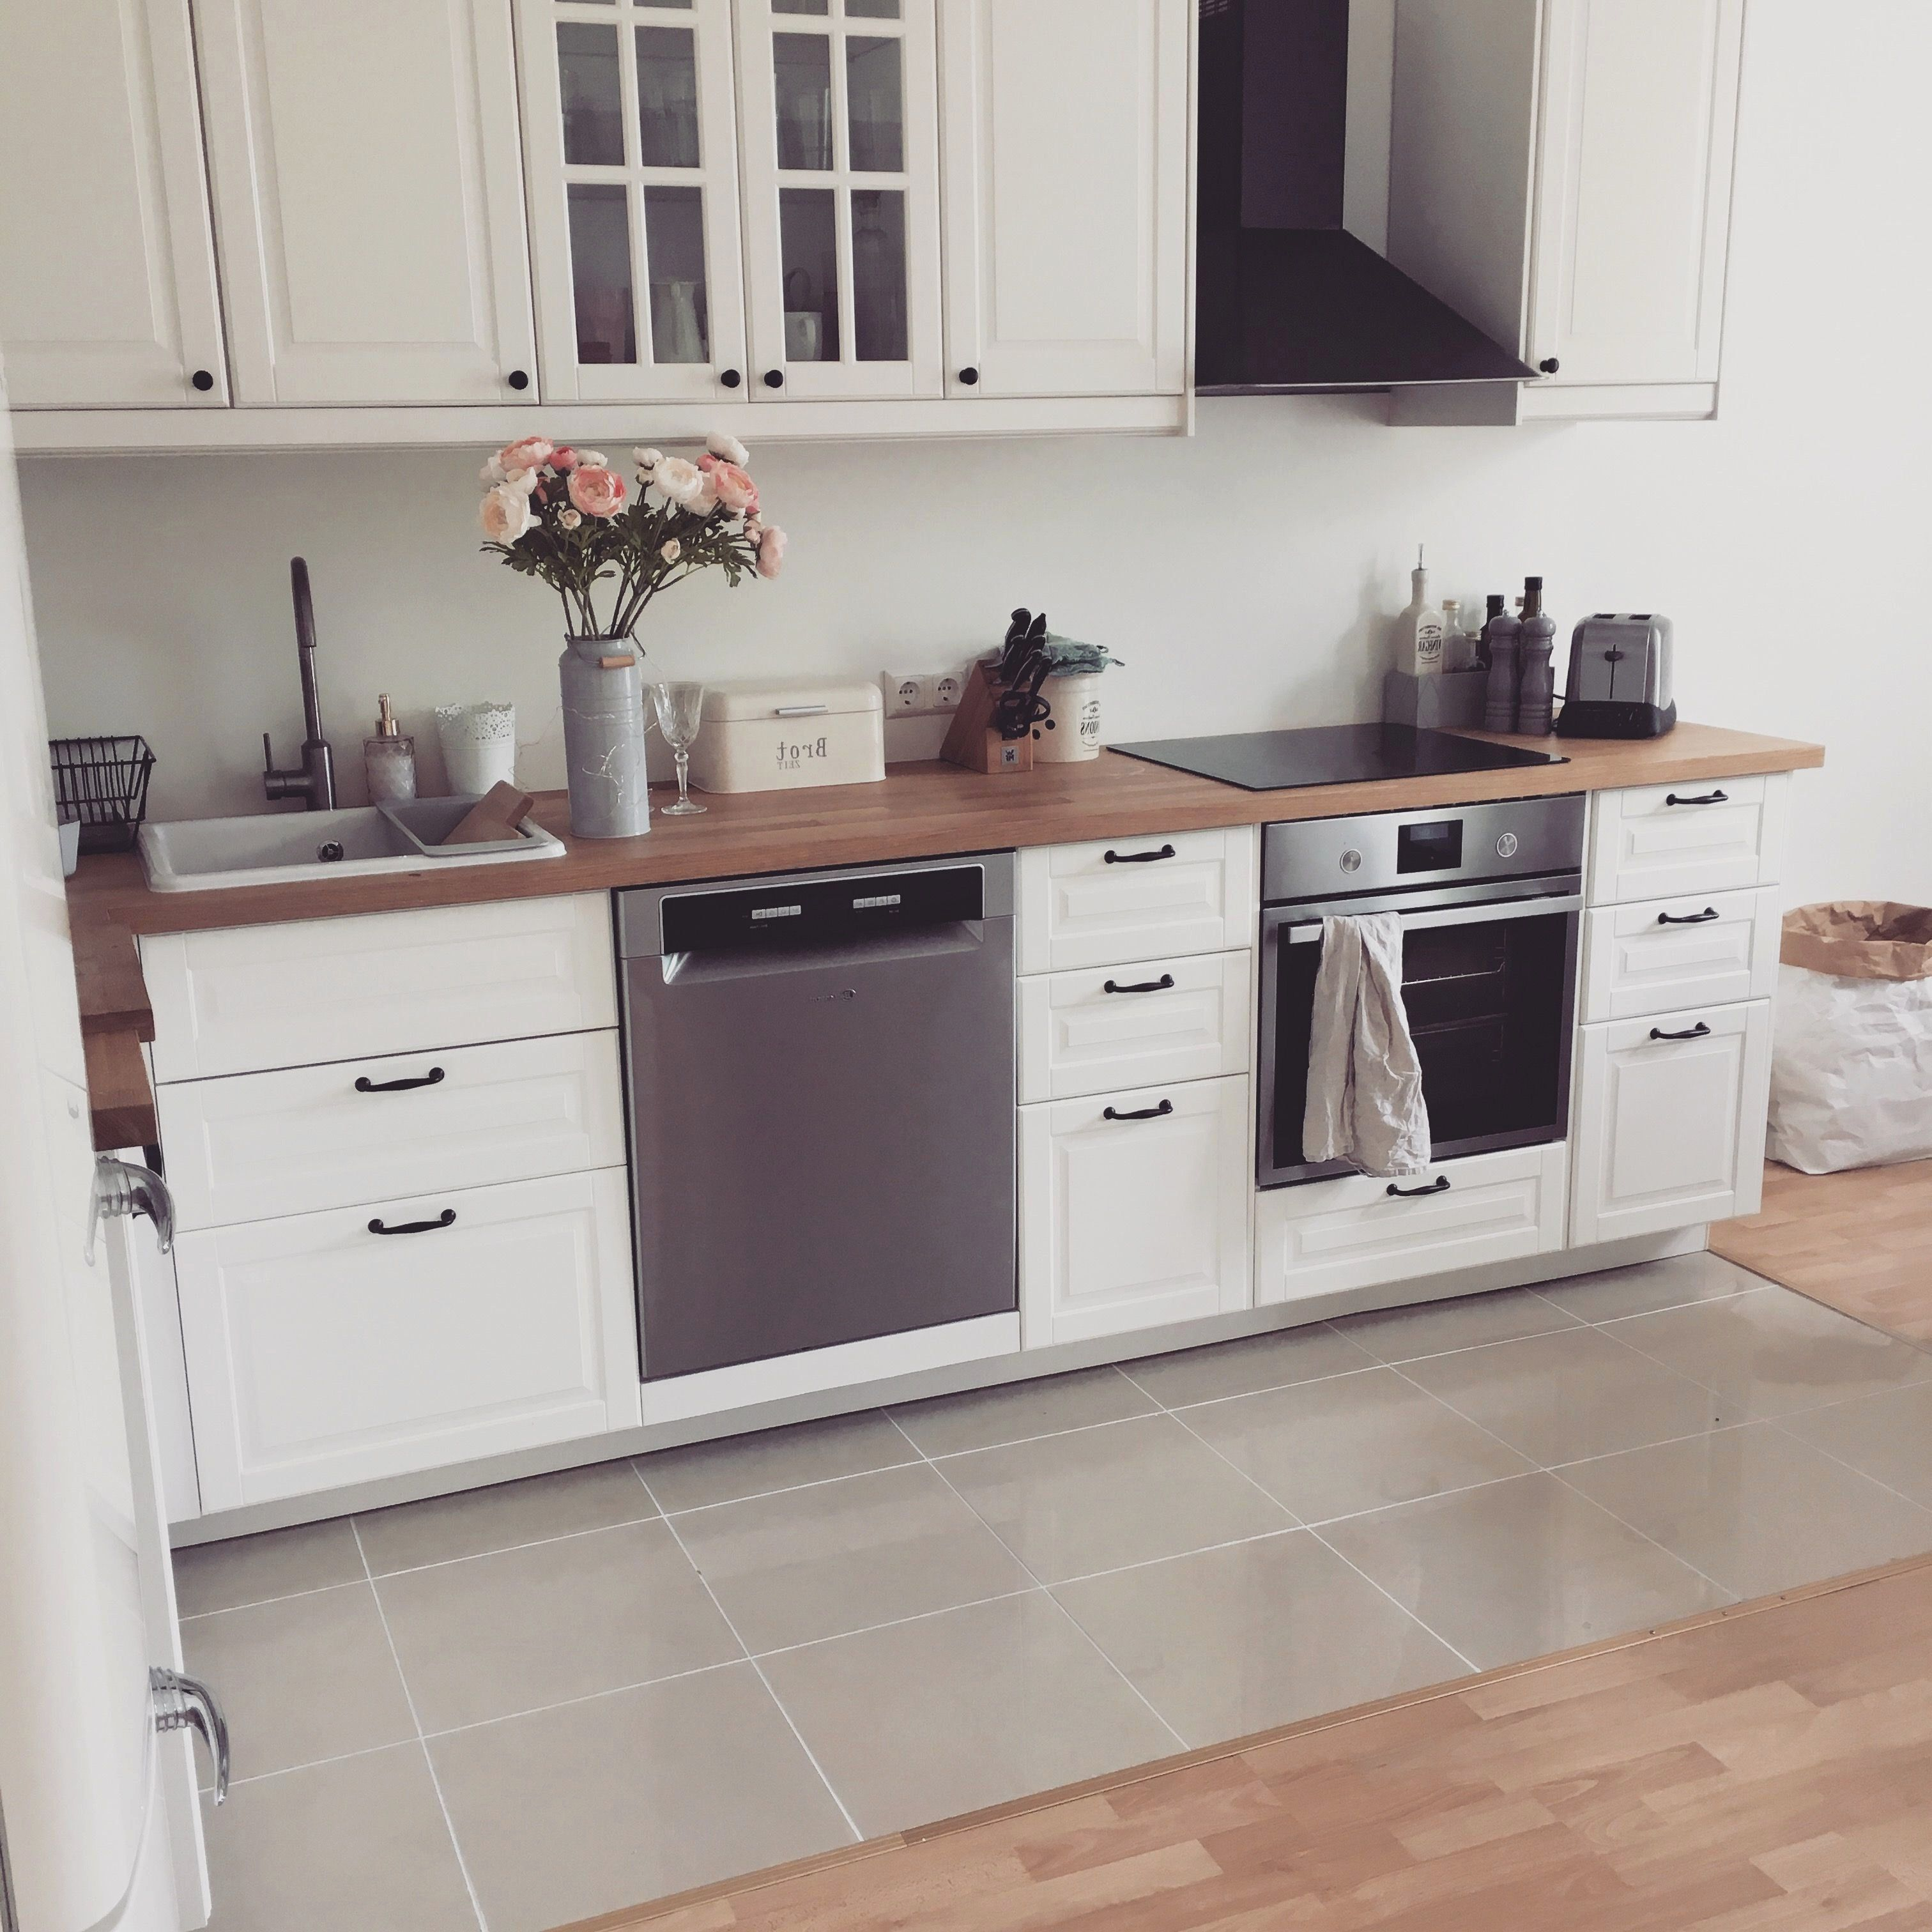 Arbeitsplatte Küche Ikea Best Of Fantastisch Ausziehbare